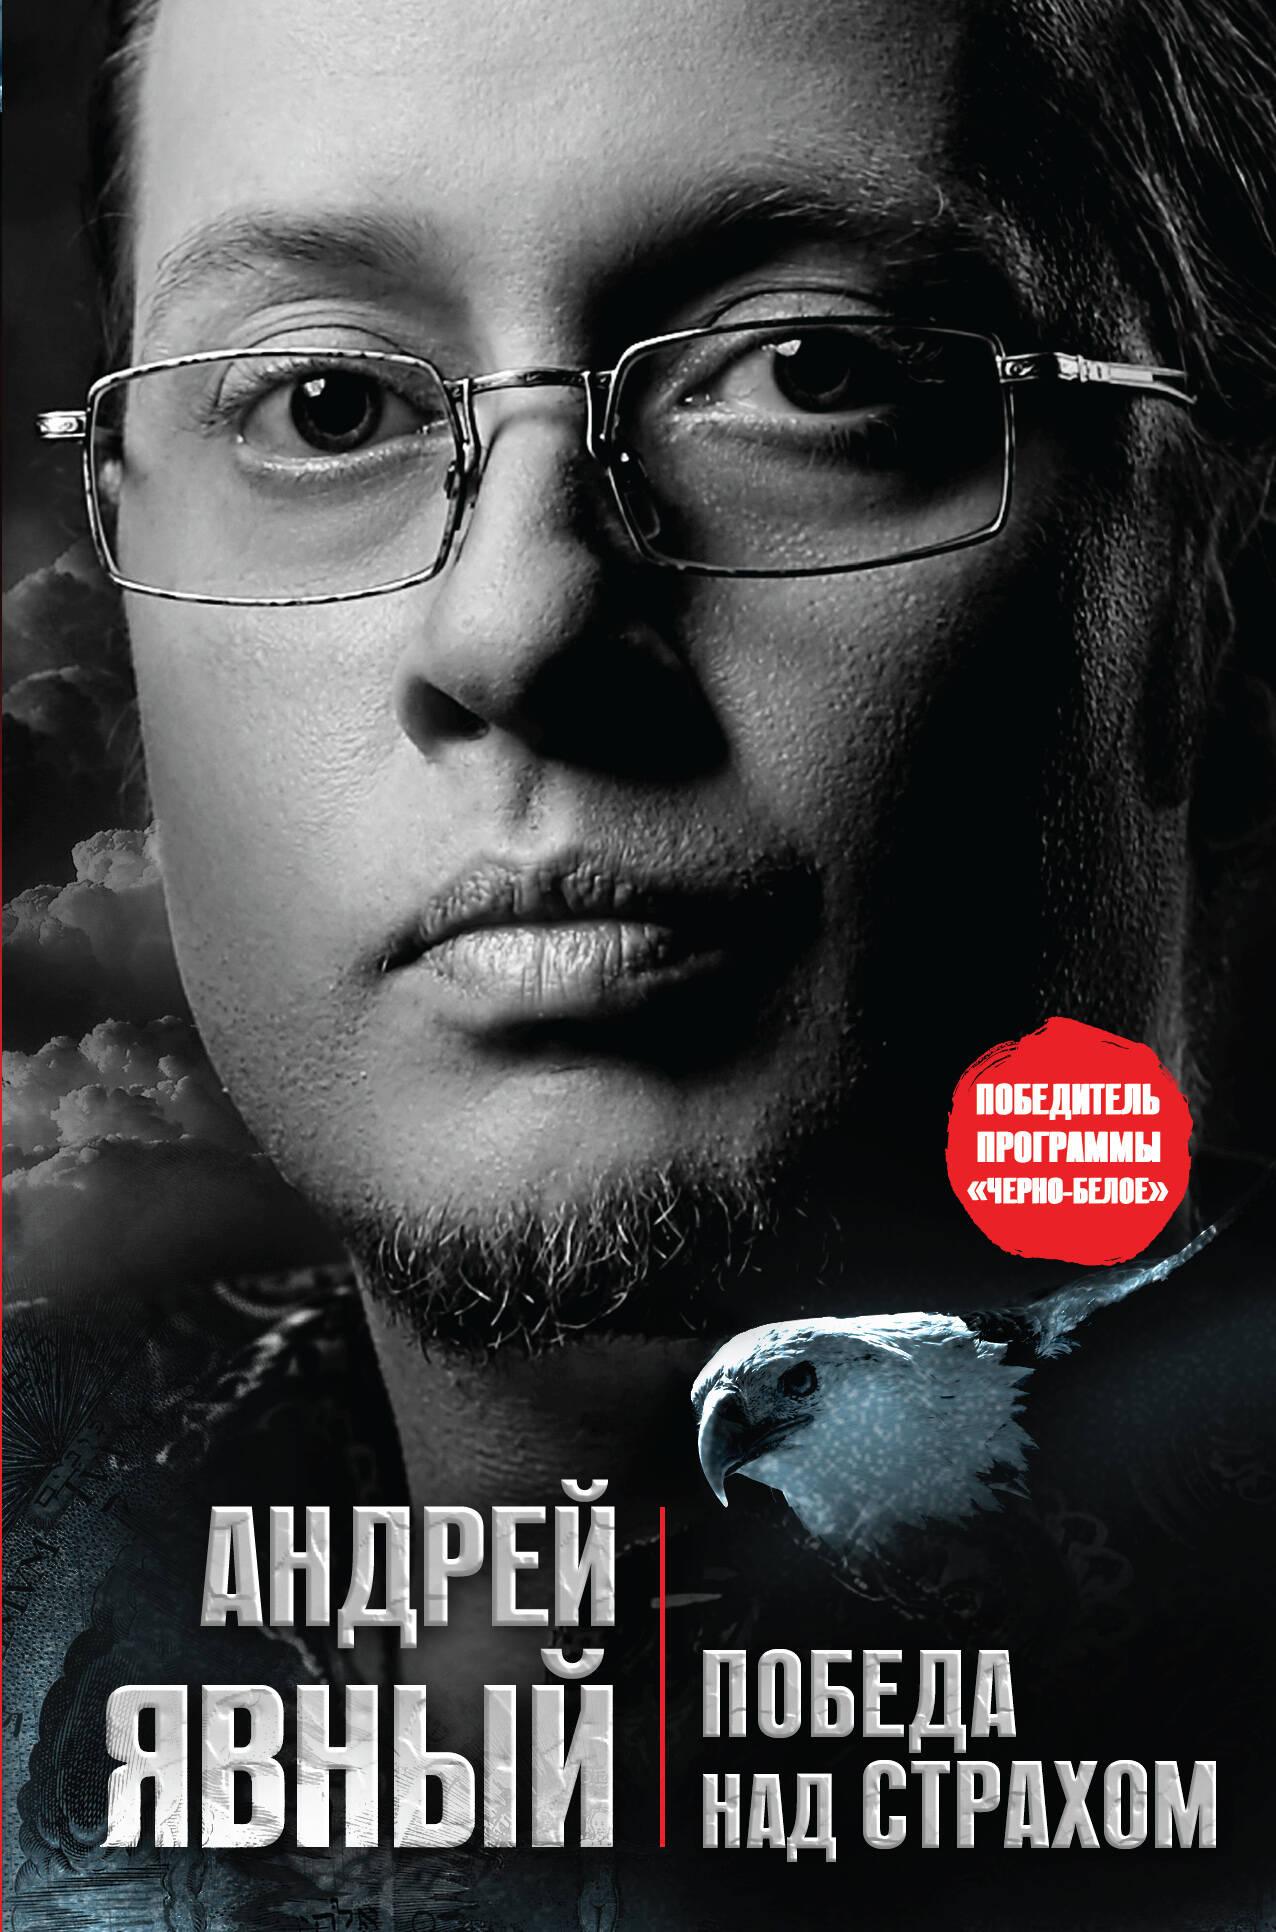 Явный Андрей -  Победа над страхом